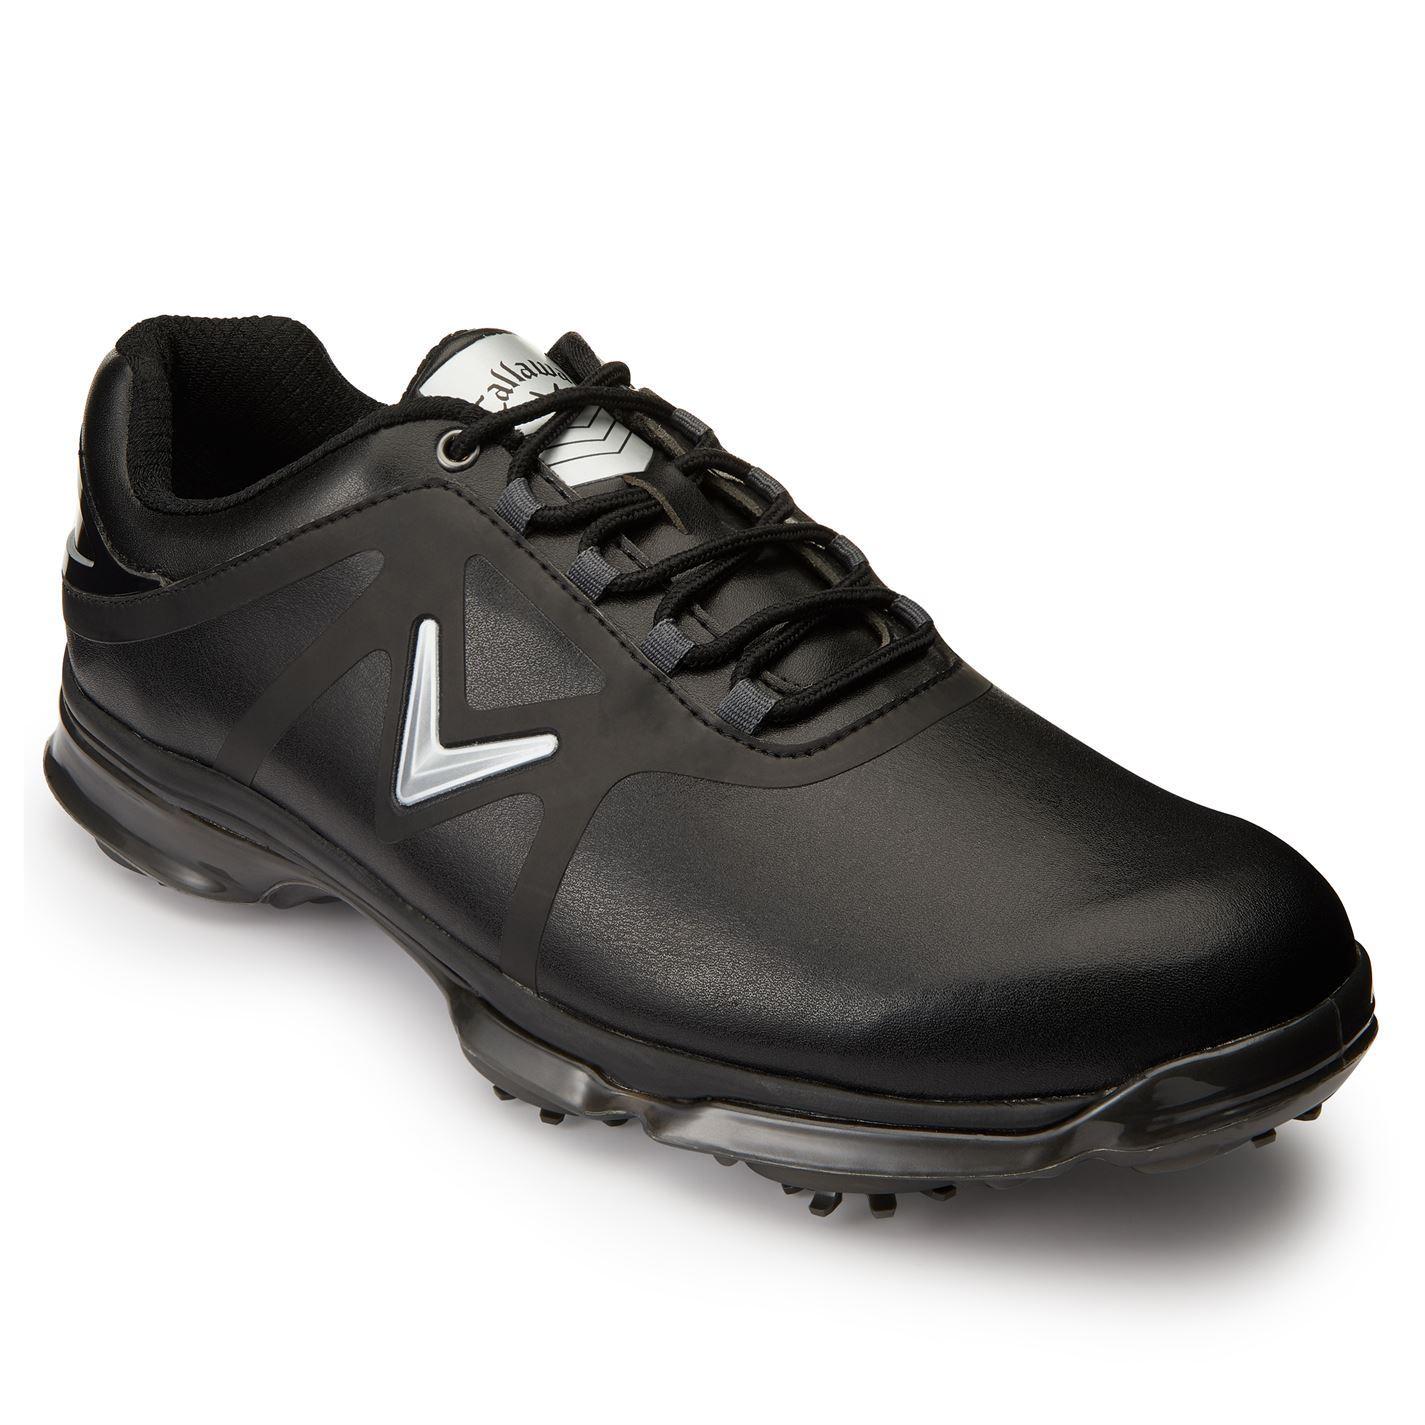 Callaway-XTT-Comfort-Spiked-Golf-Shoes-Mens-Spikes-Footwear thumbnail 4